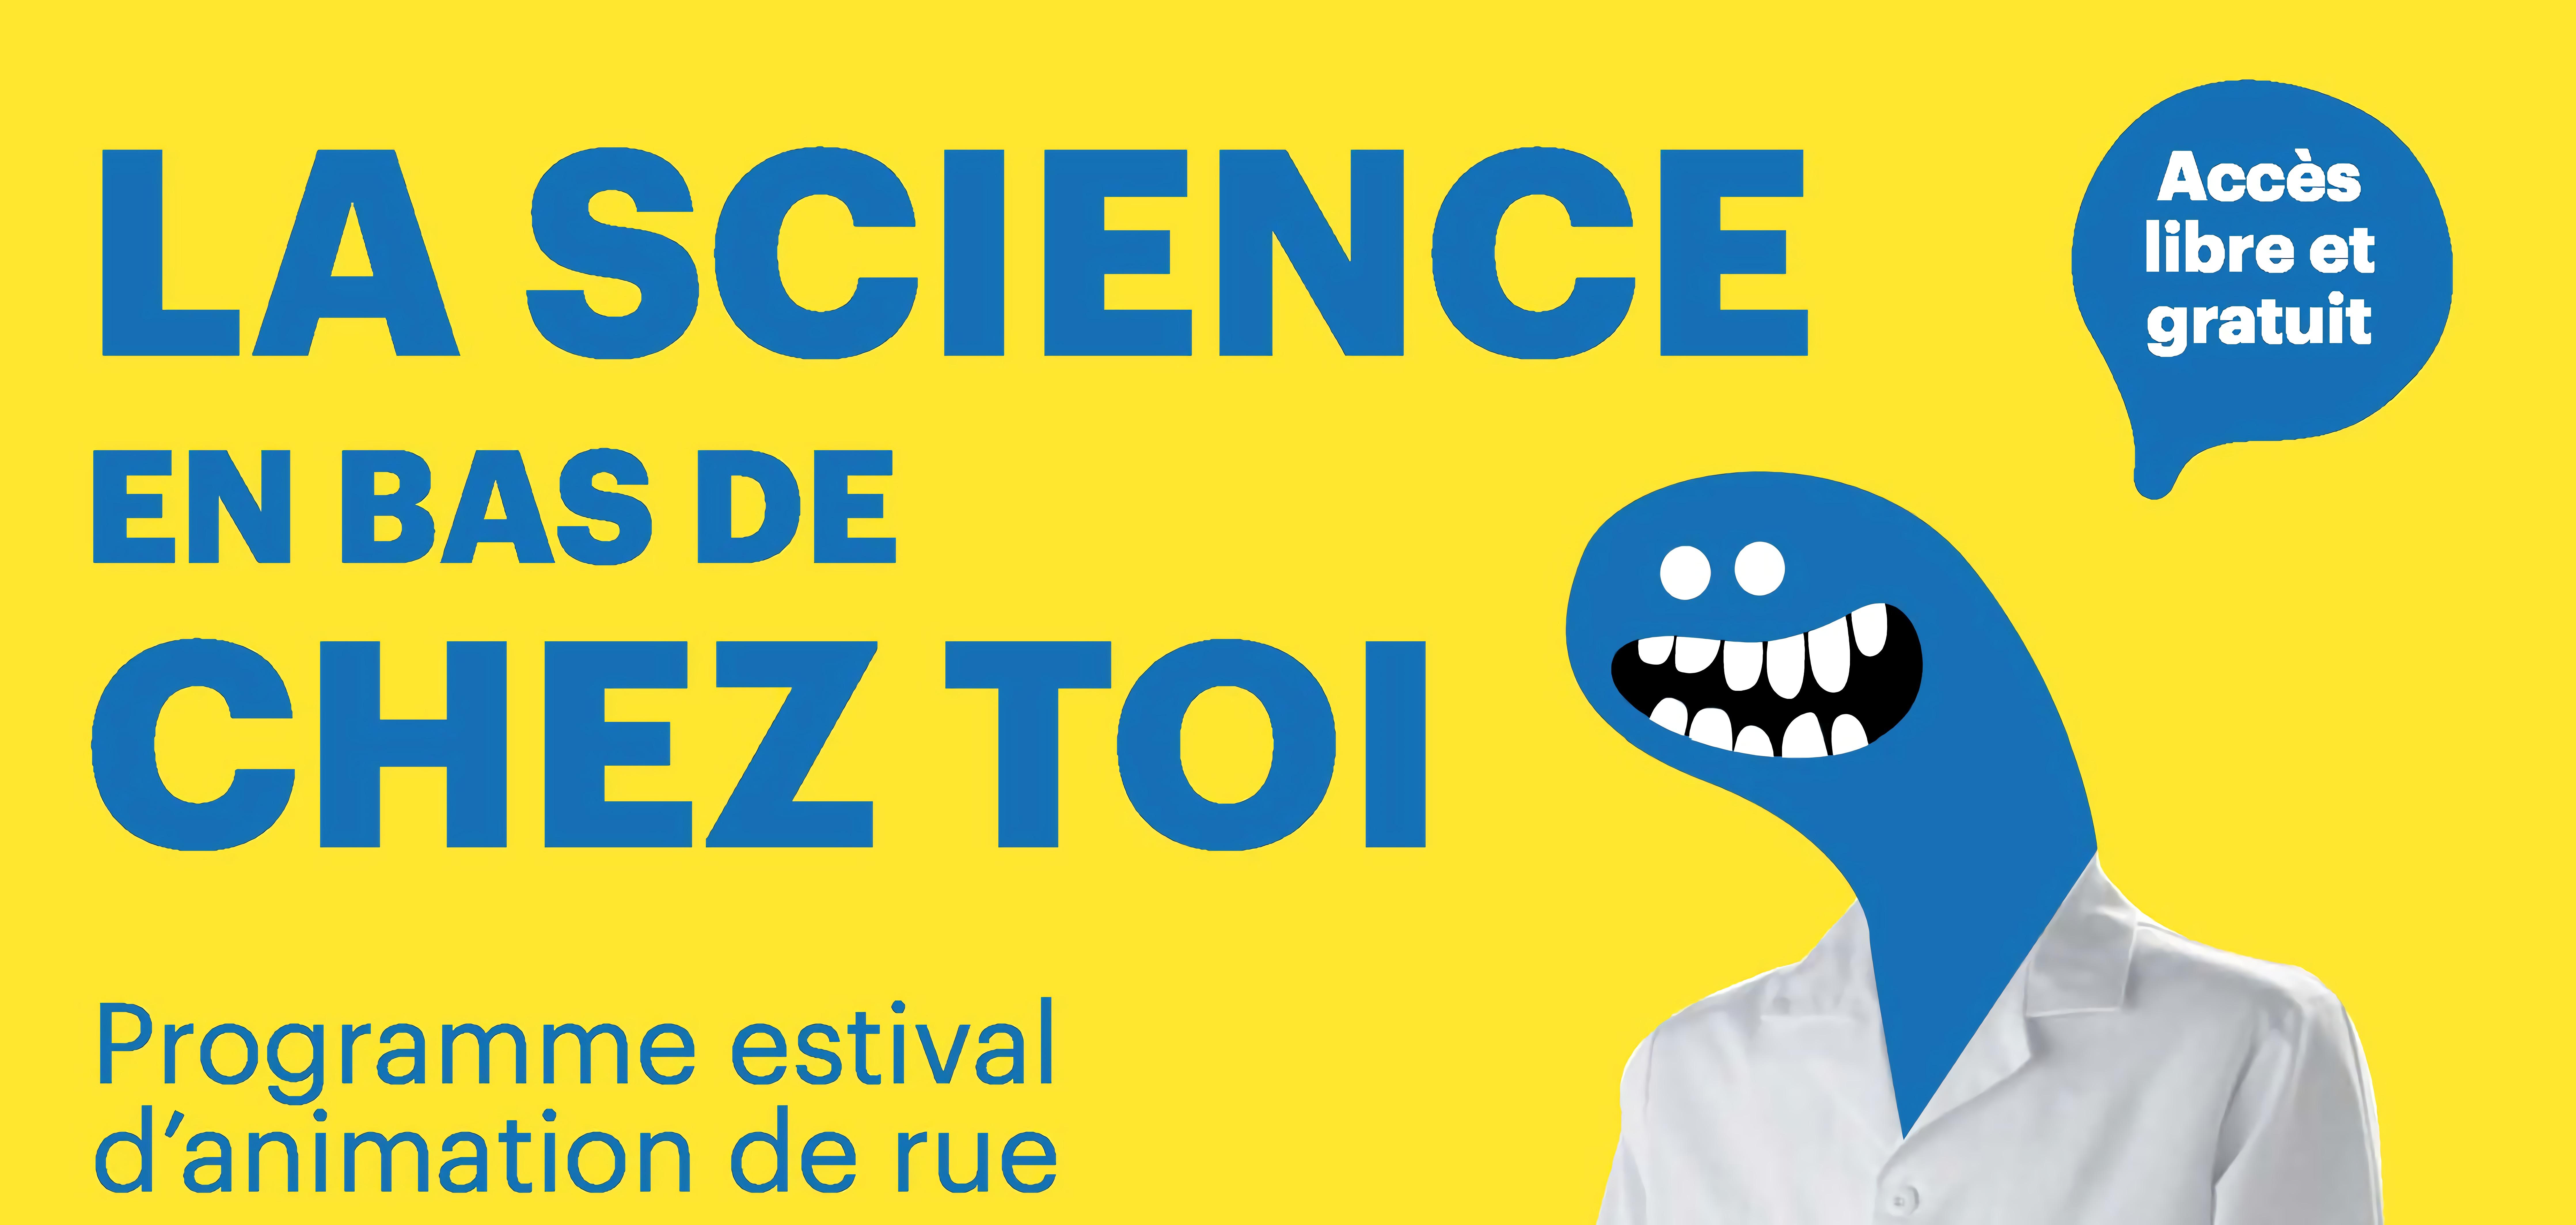 Nantes. Science en bas de chez toi à Bellevue (Egalité)